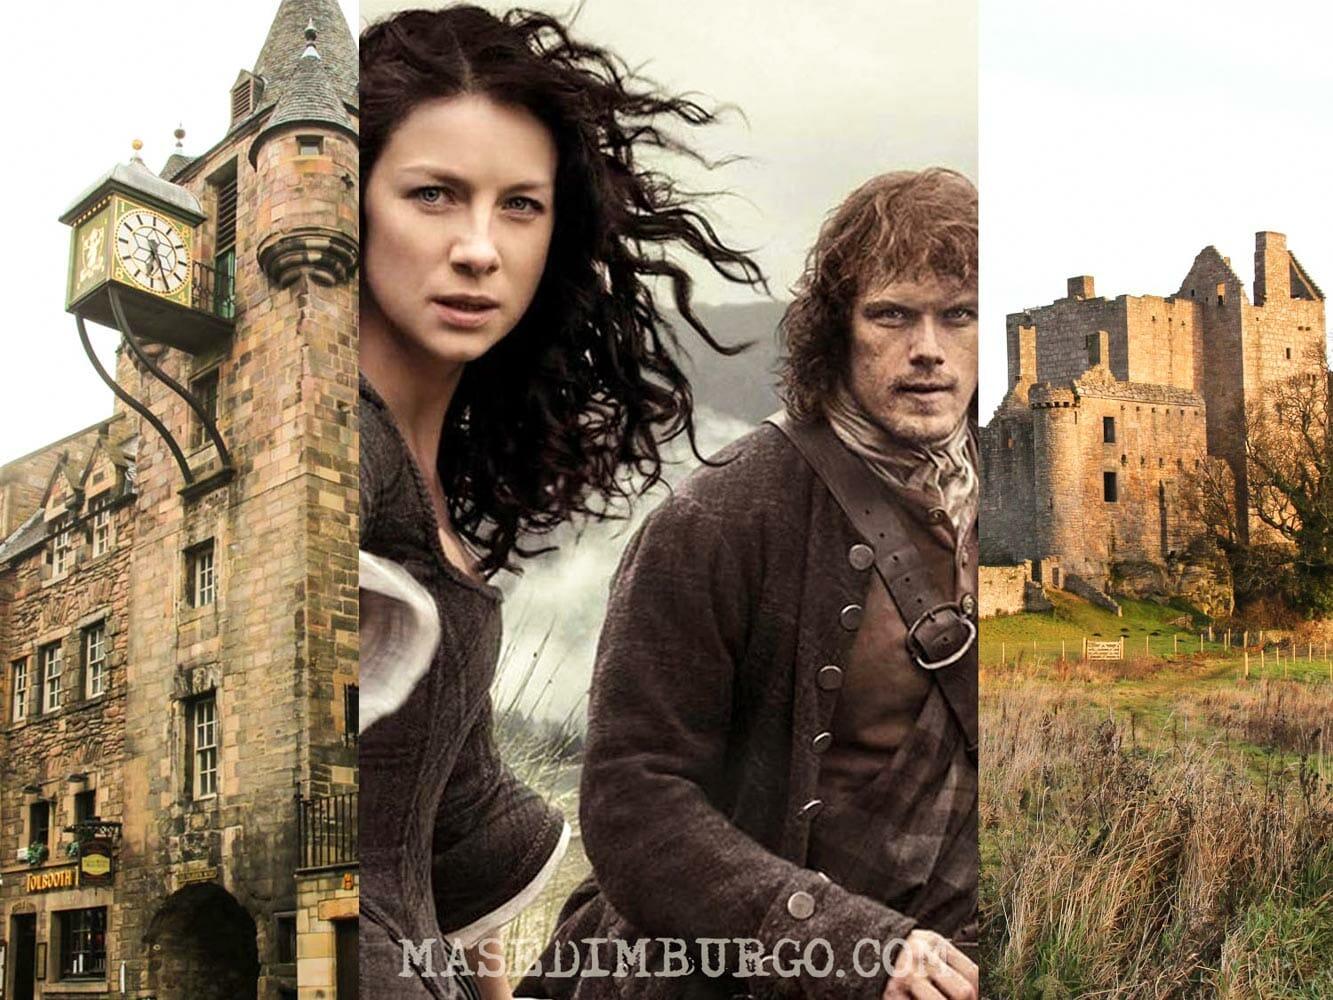 Ruta por los escenarios de Outlander en Edimburgo: dónde se rodó